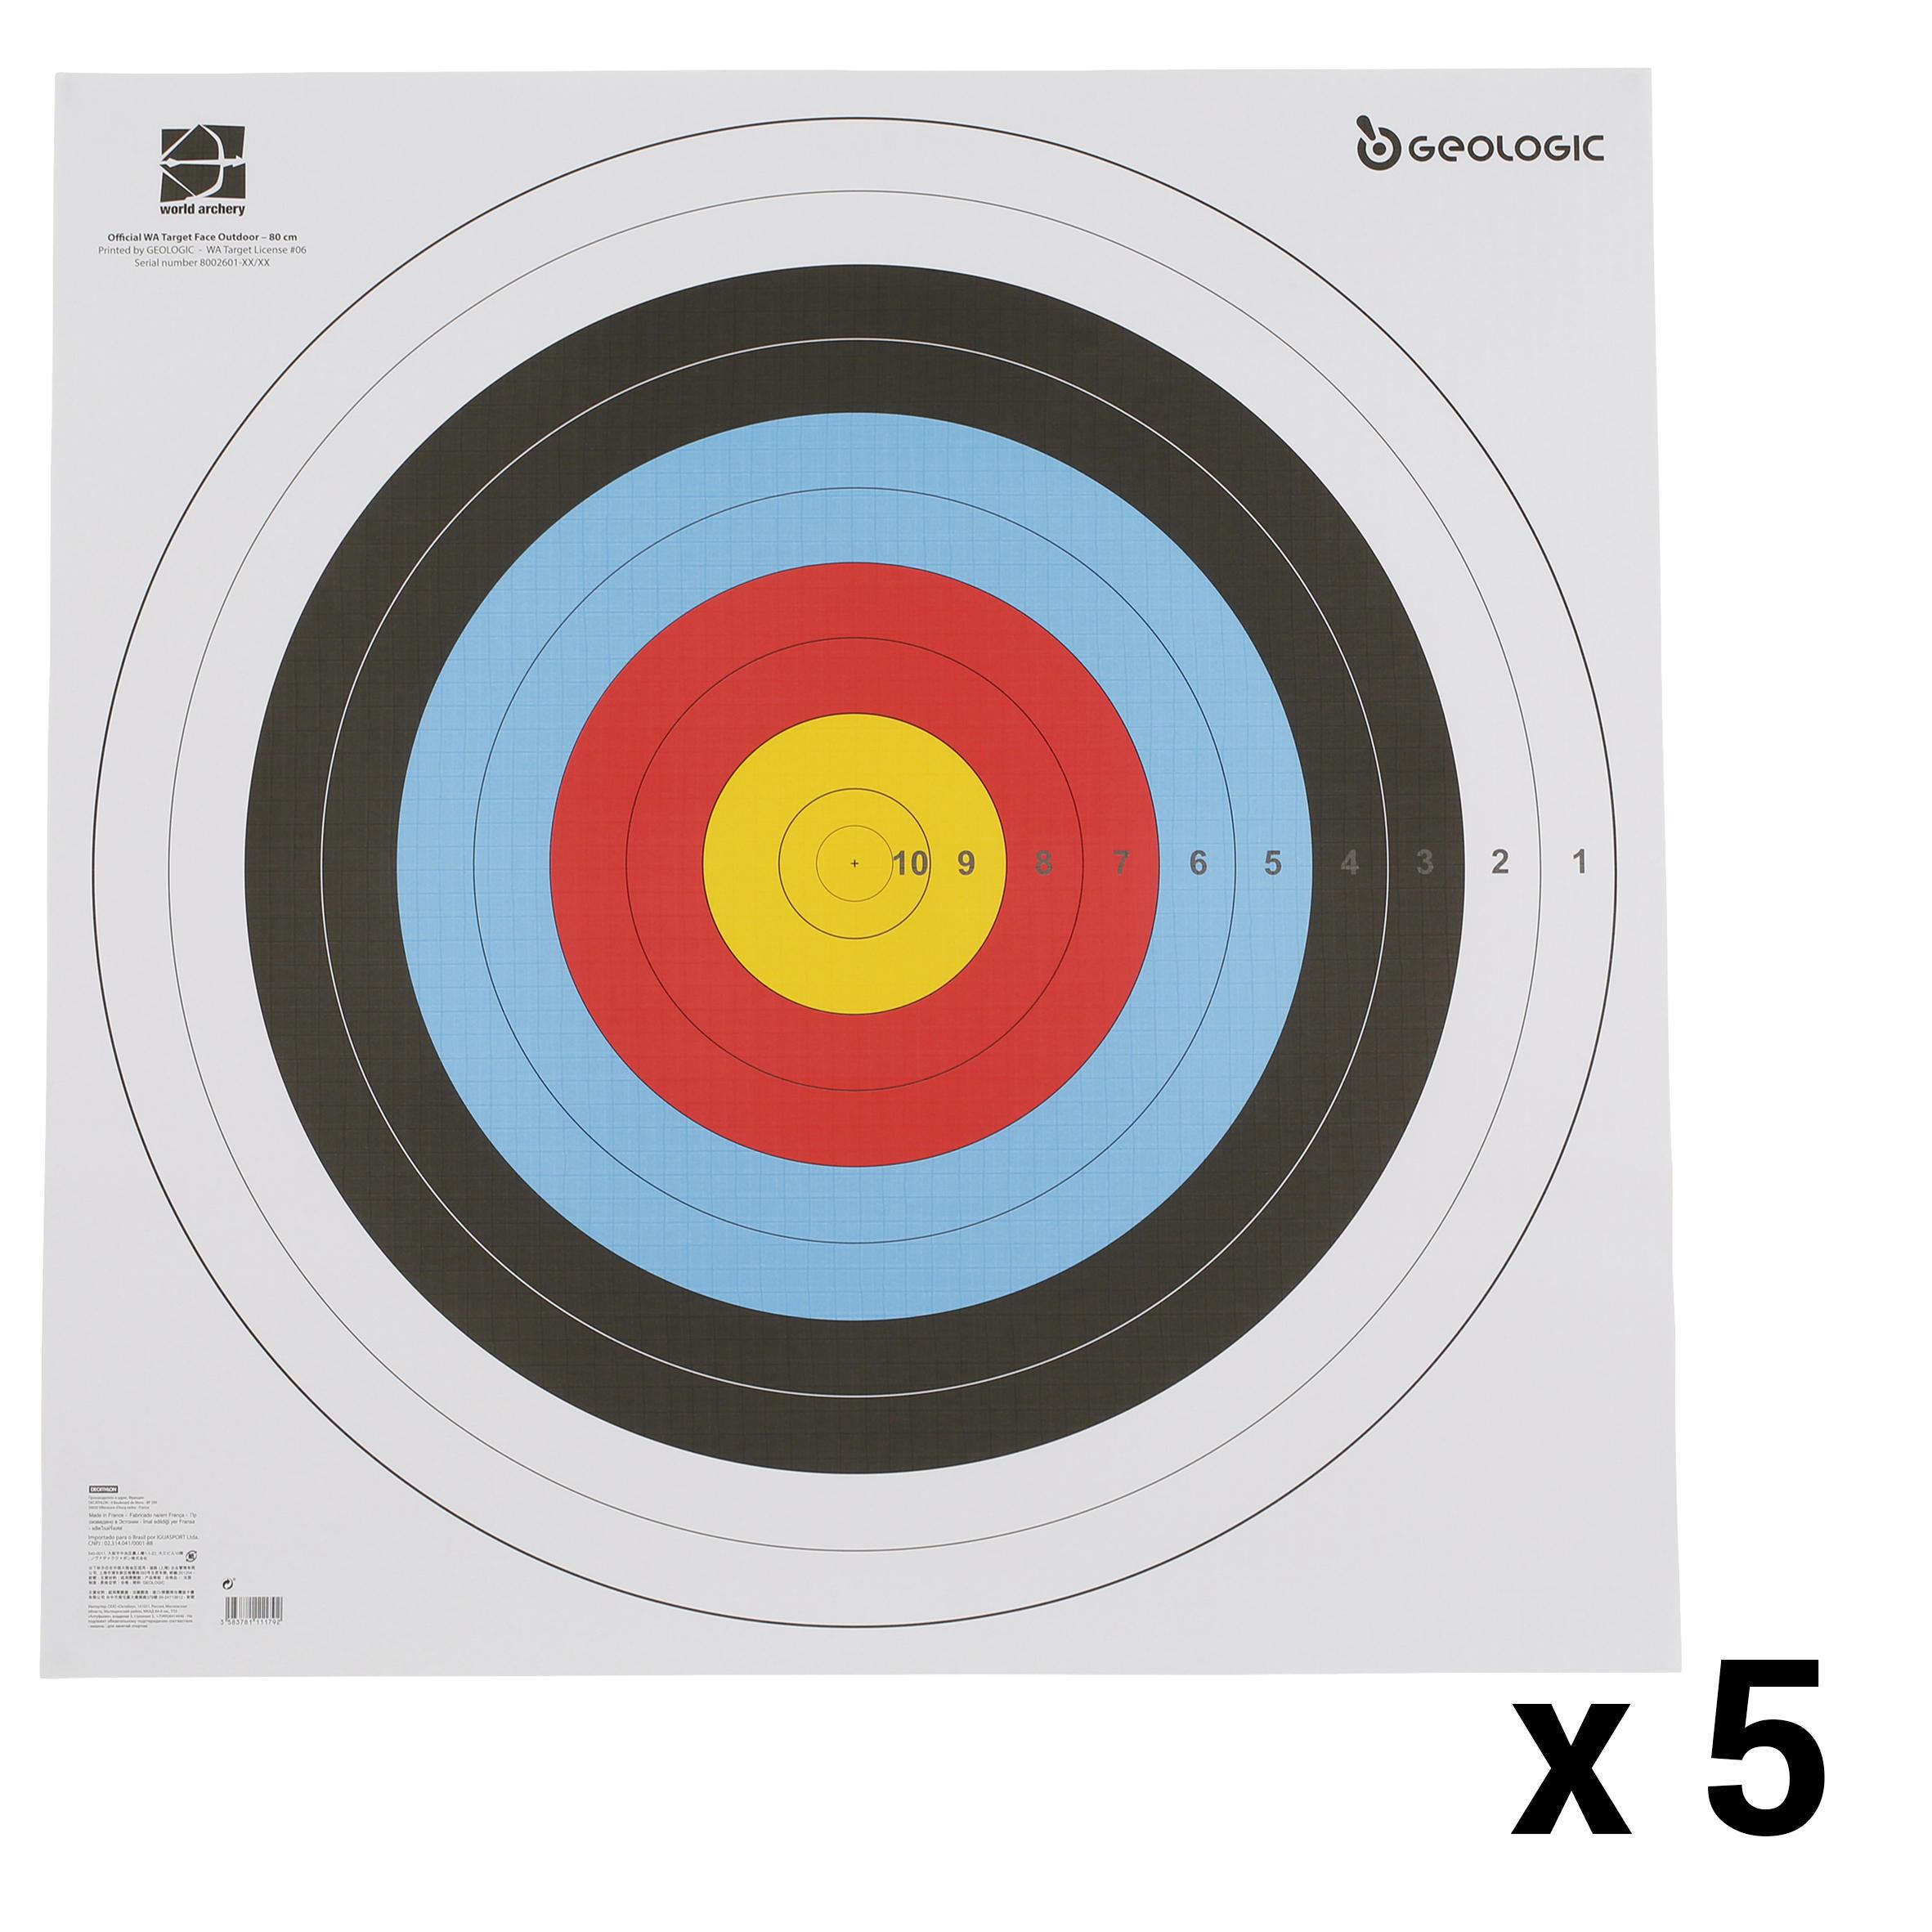 Țintă tir cu arcul 80x80 cm x5 imagine produs